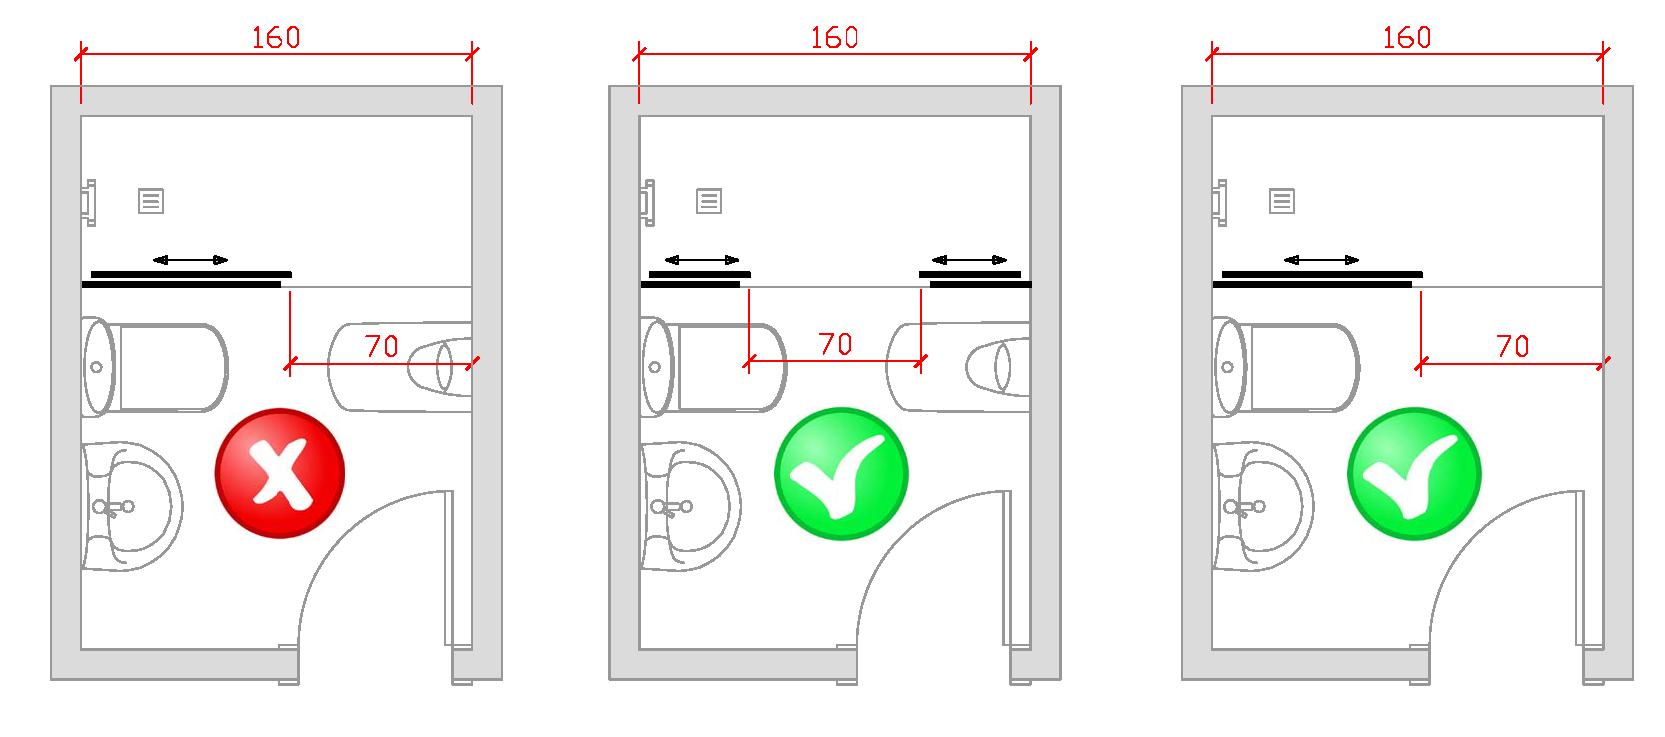 Mamparas de ducha parte 2 modelos y accesibilidad aqua for Modelos de mamparas para duchas